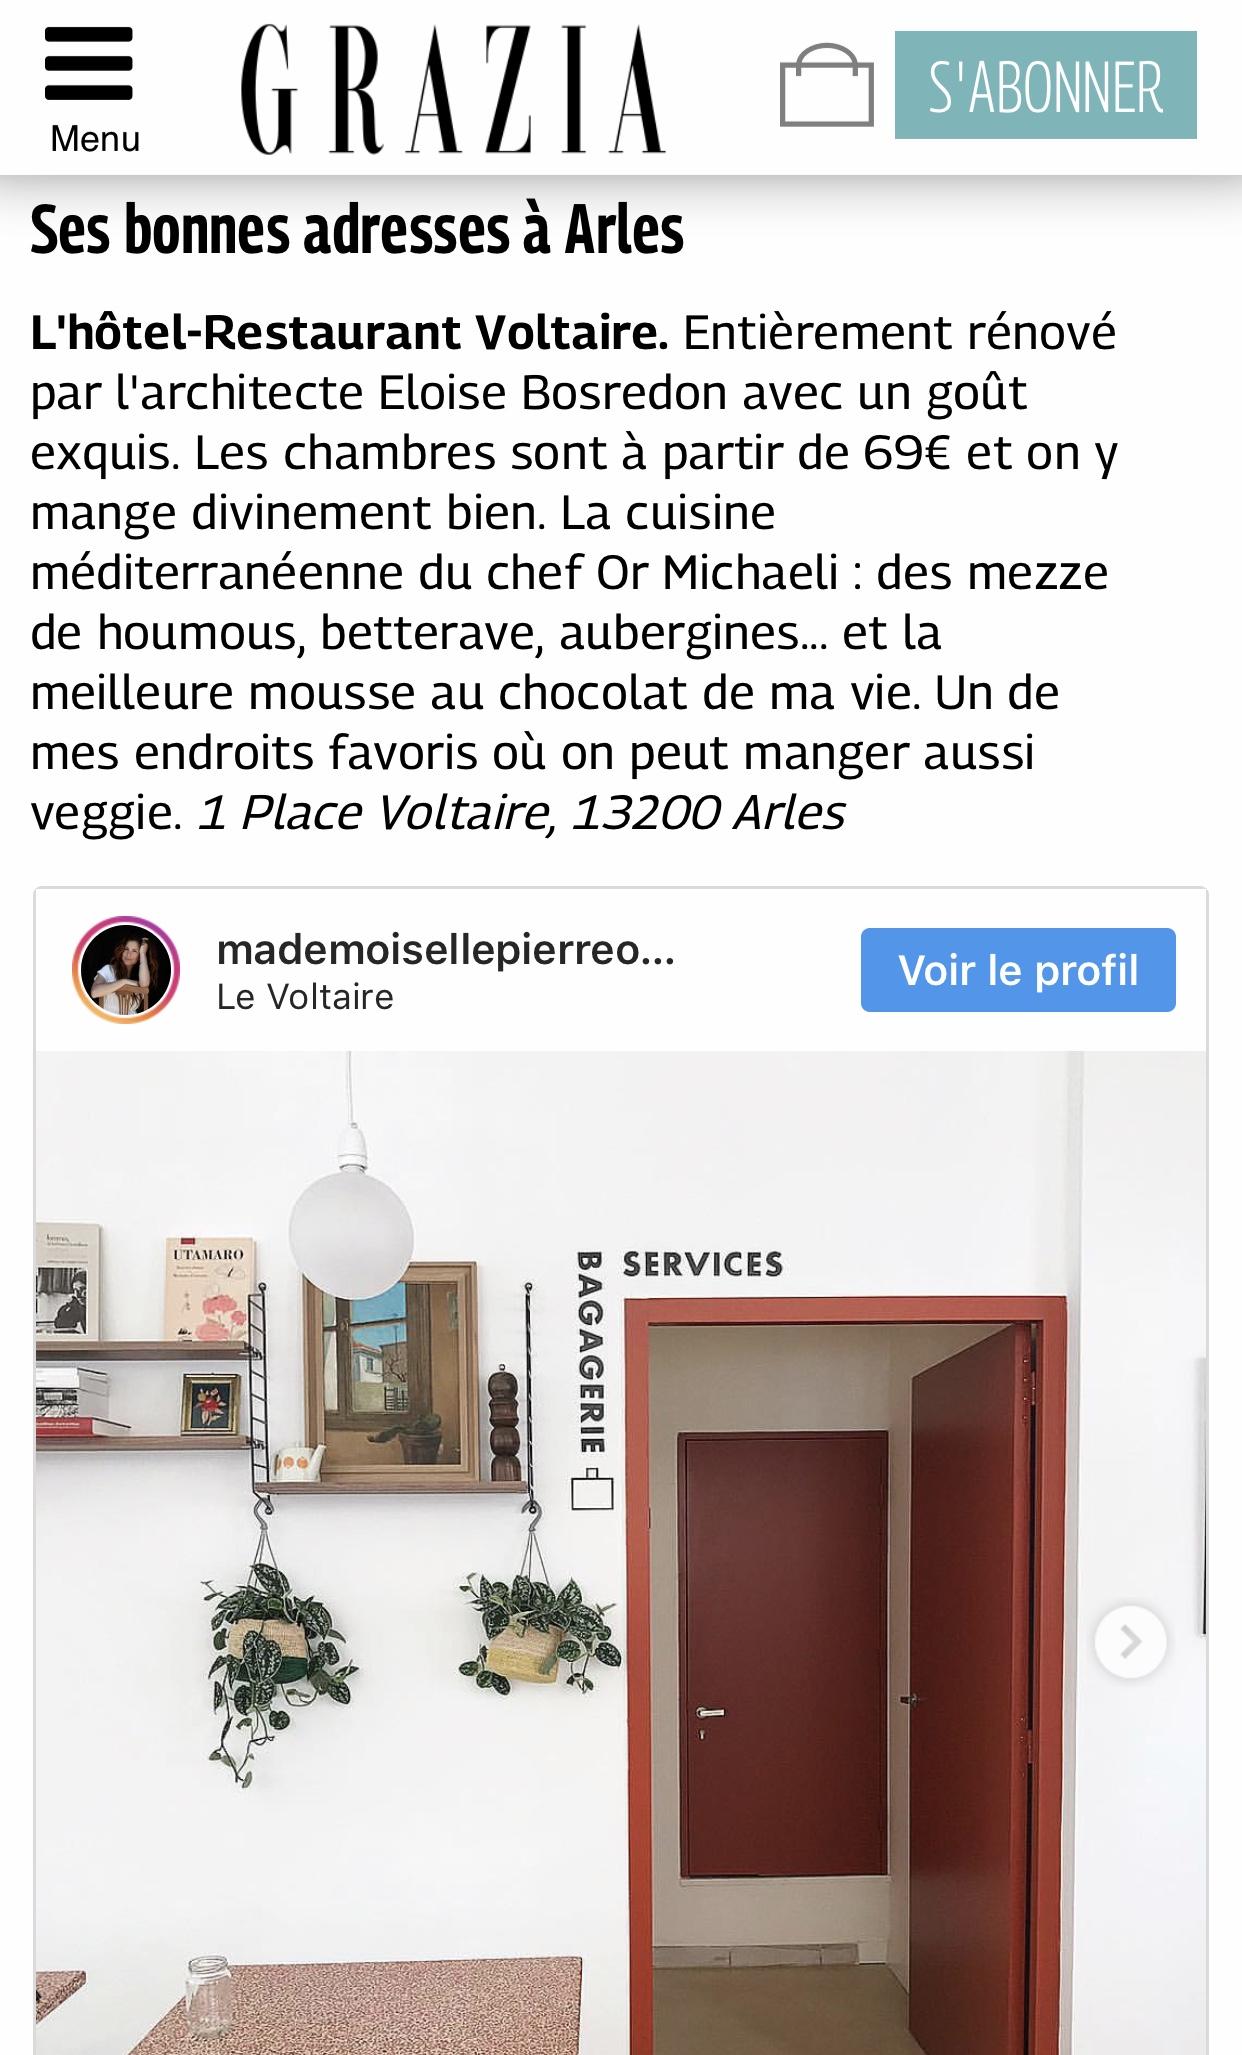 Grazia Hotel Voltaire